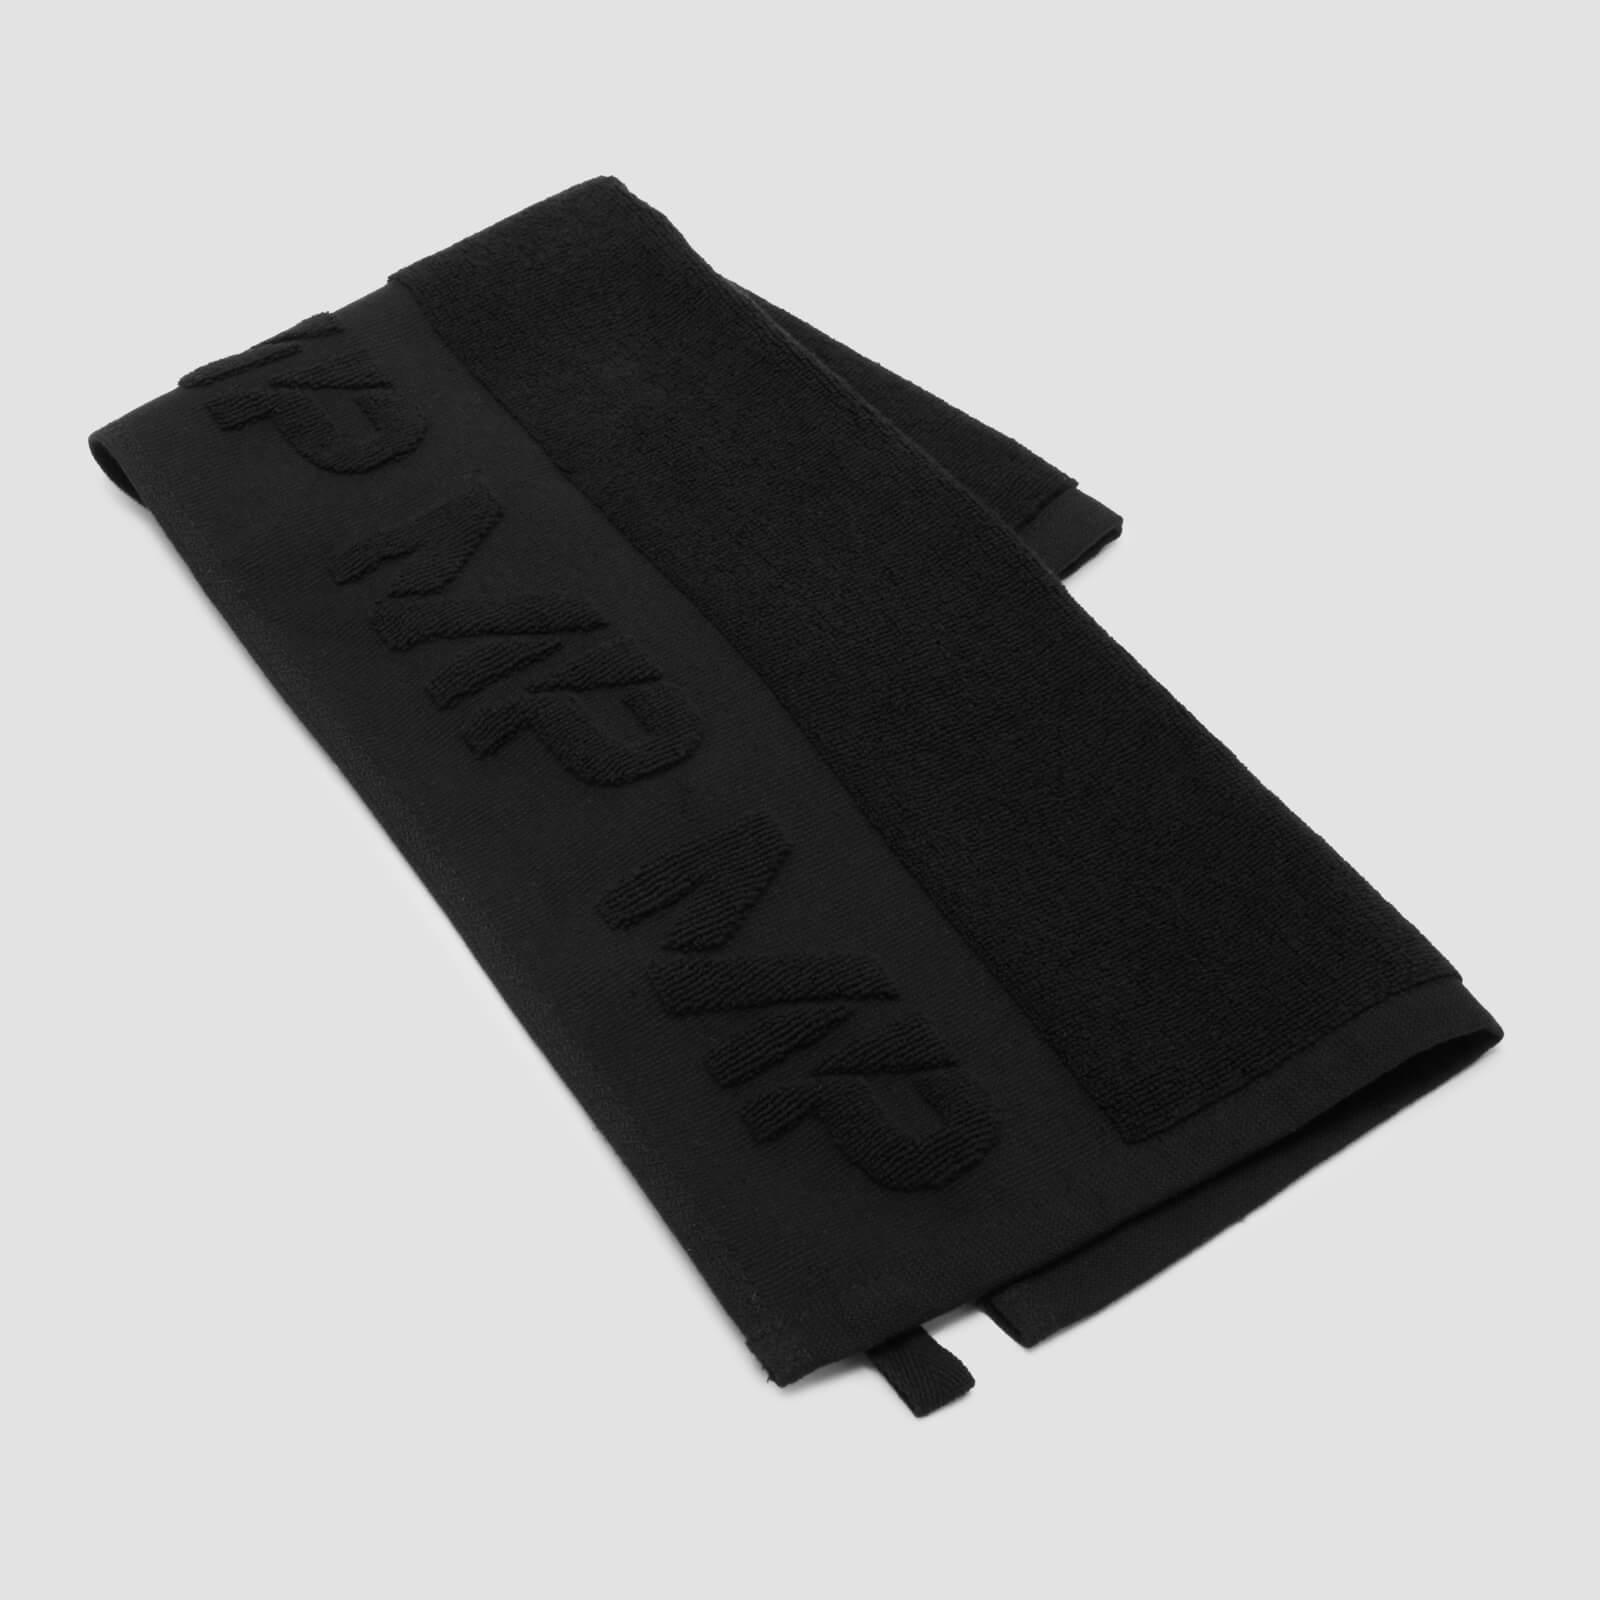 Myprotein MP Hand Towel - Black